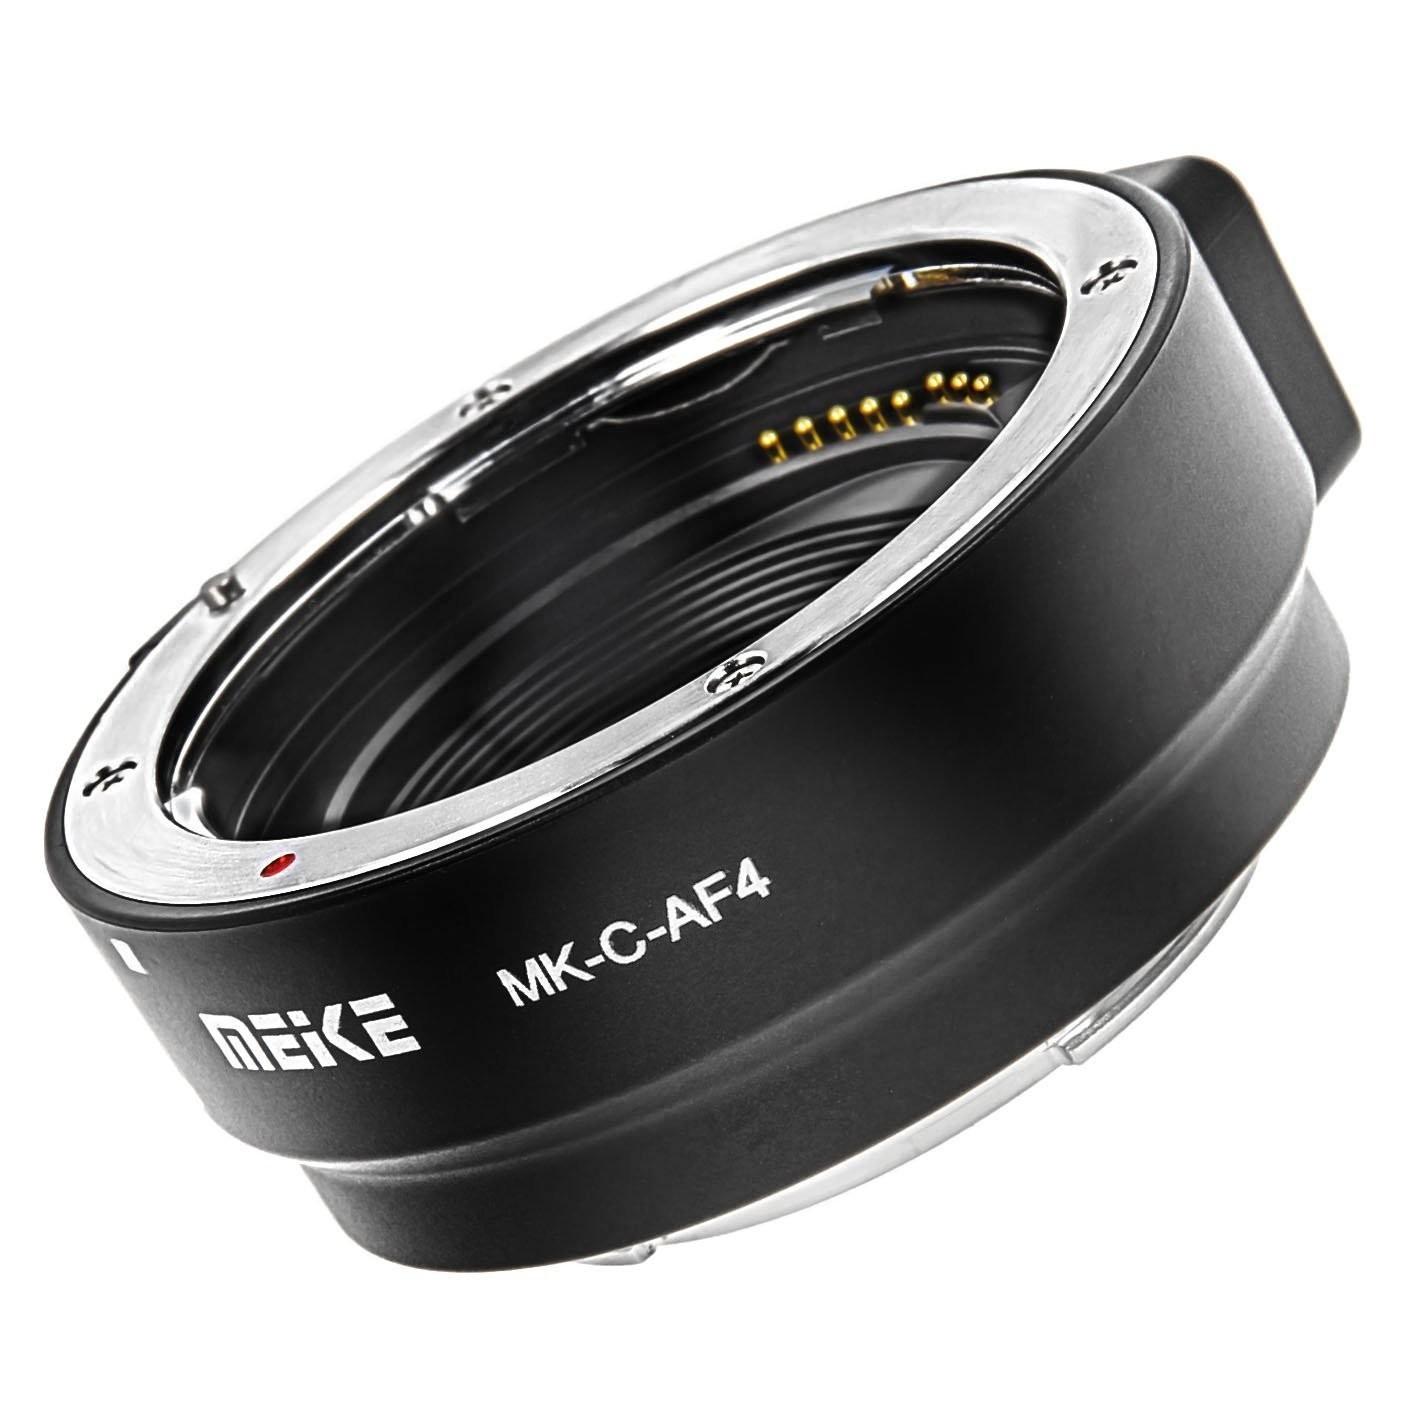 Meike anello adattatore Canon EF e EF-S su EOS